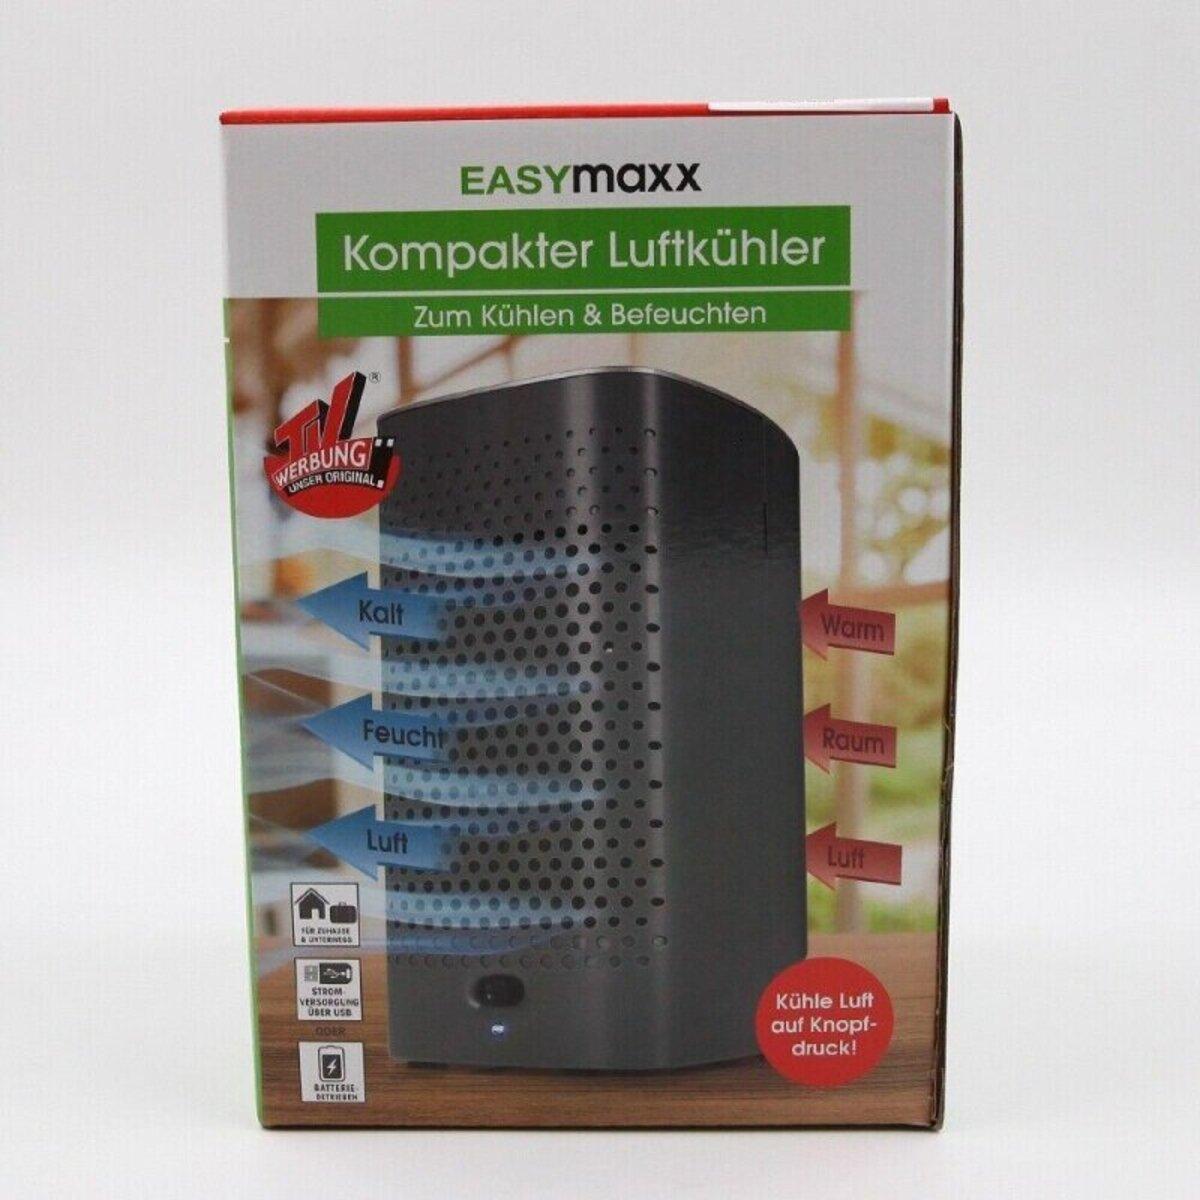 Bild 3 von EasyMaxx mobile Kilmaanlage 2-in-1 Luftkühler Luftbefeuchter Klimagerät schwarz